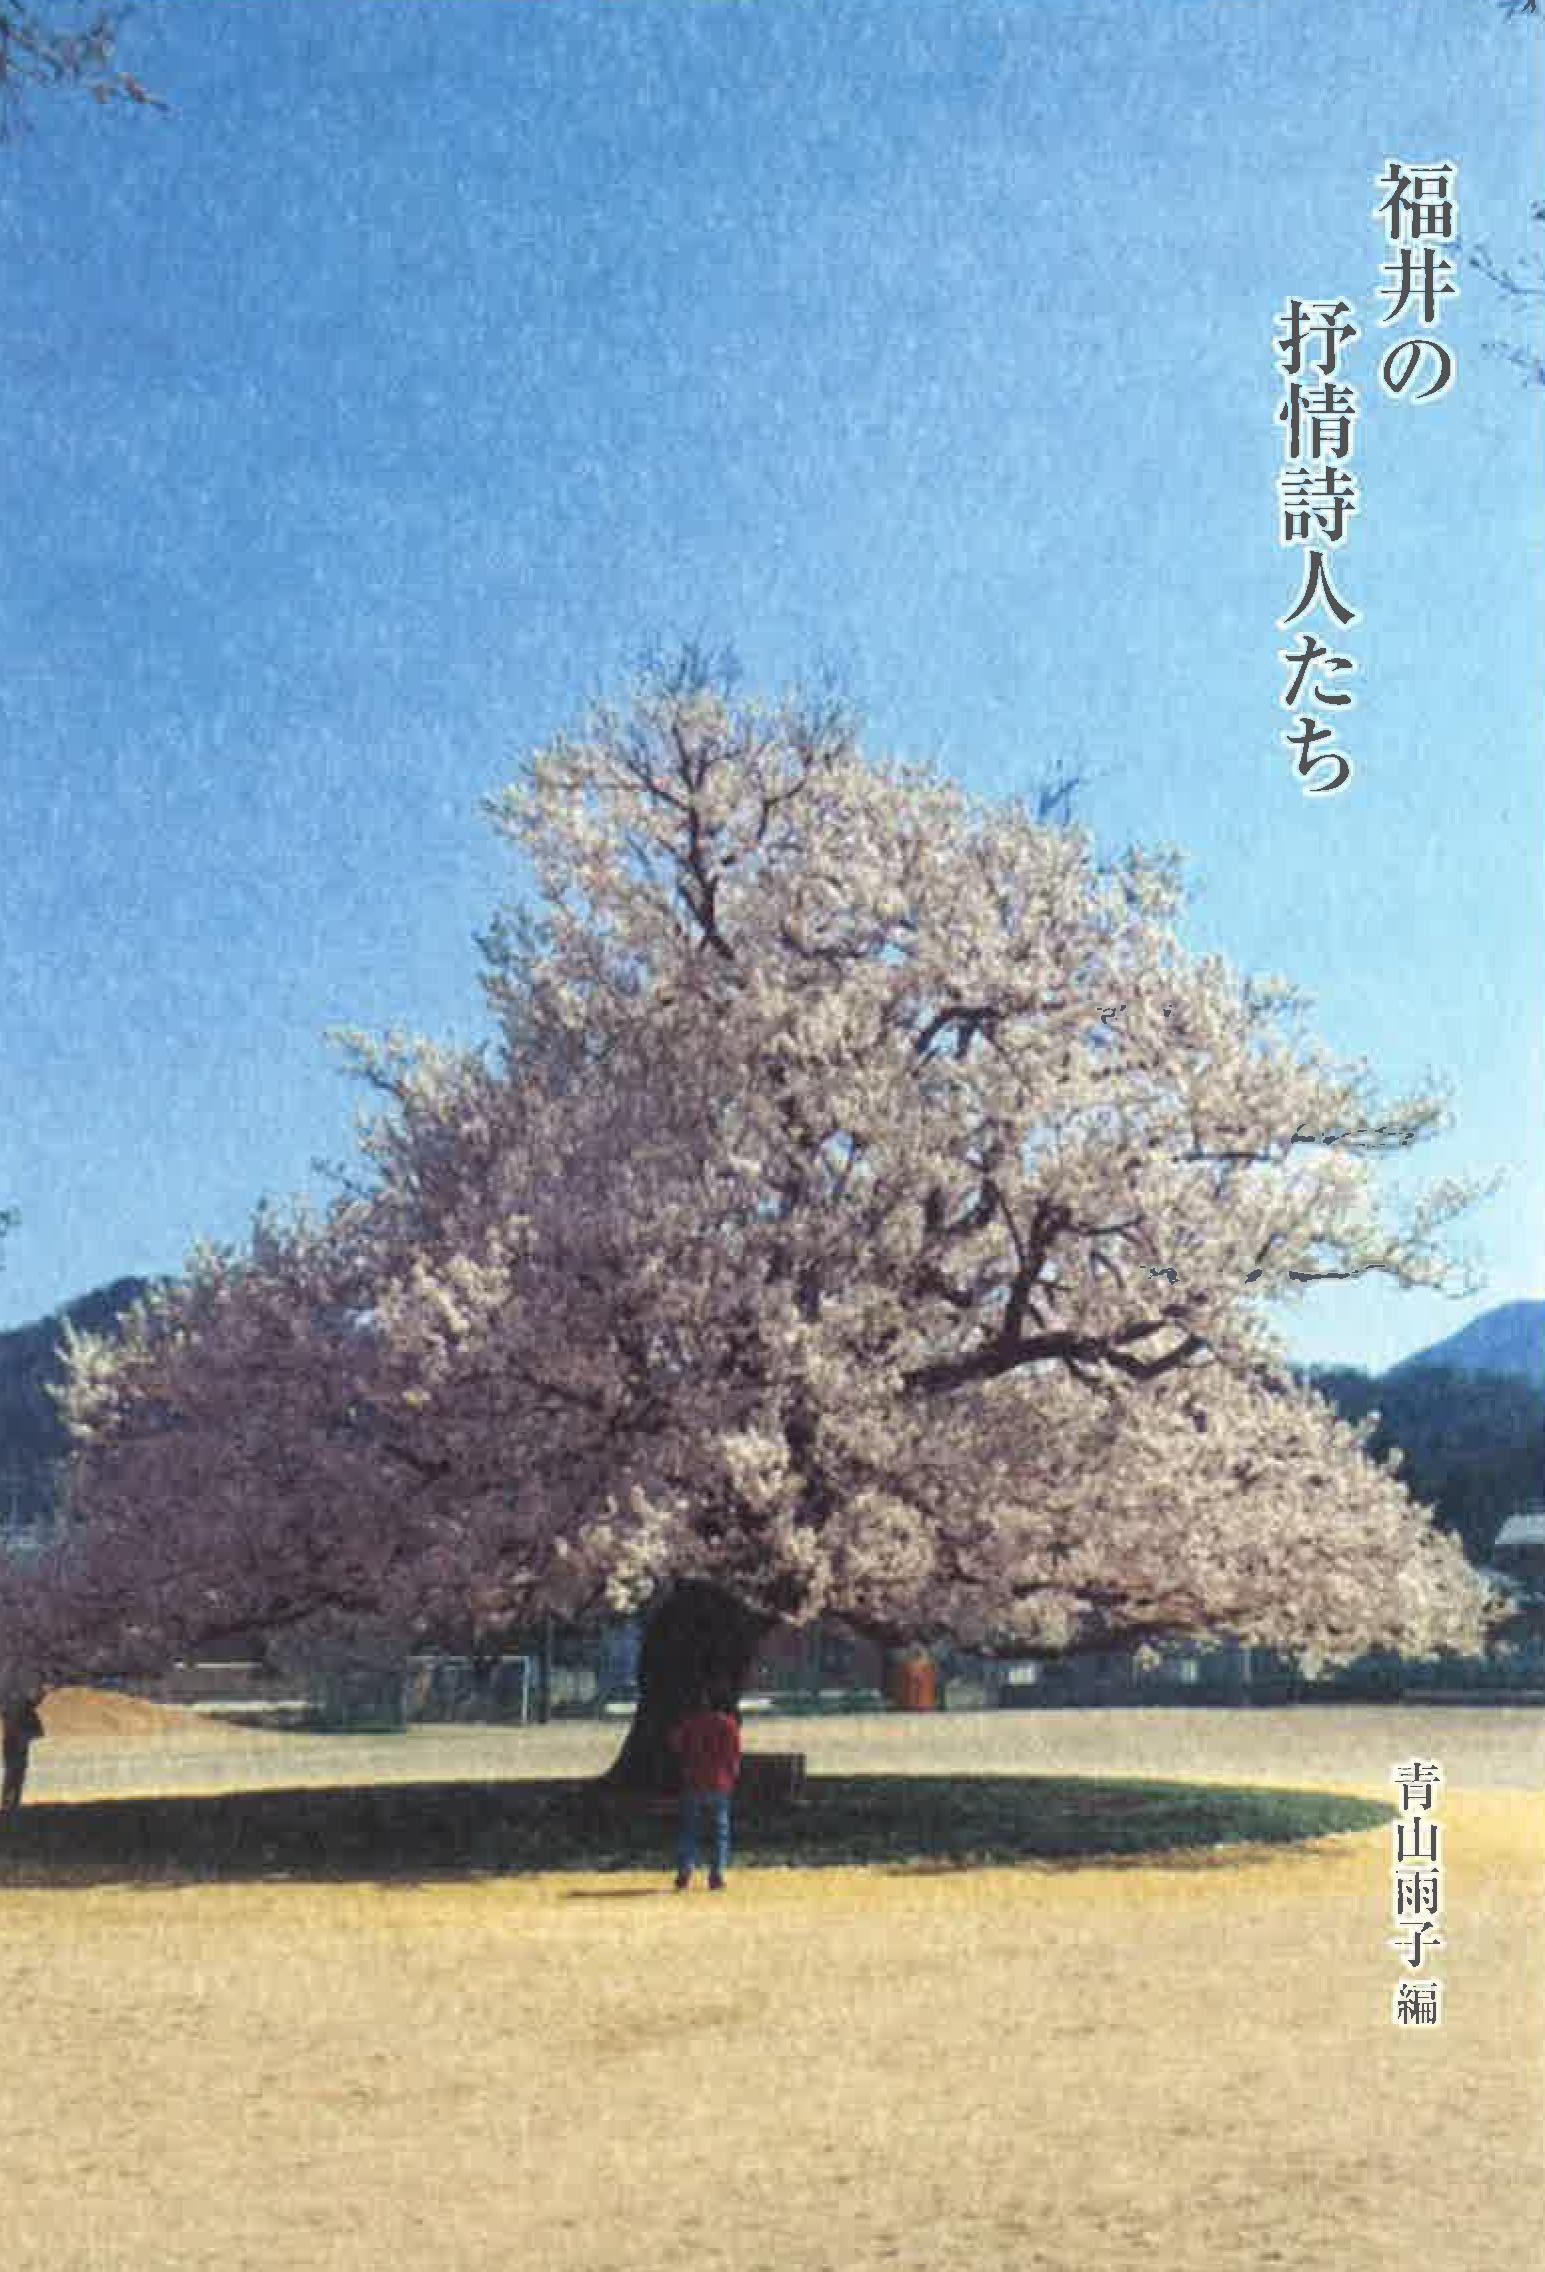 福井の詩人たち 青山.jpg